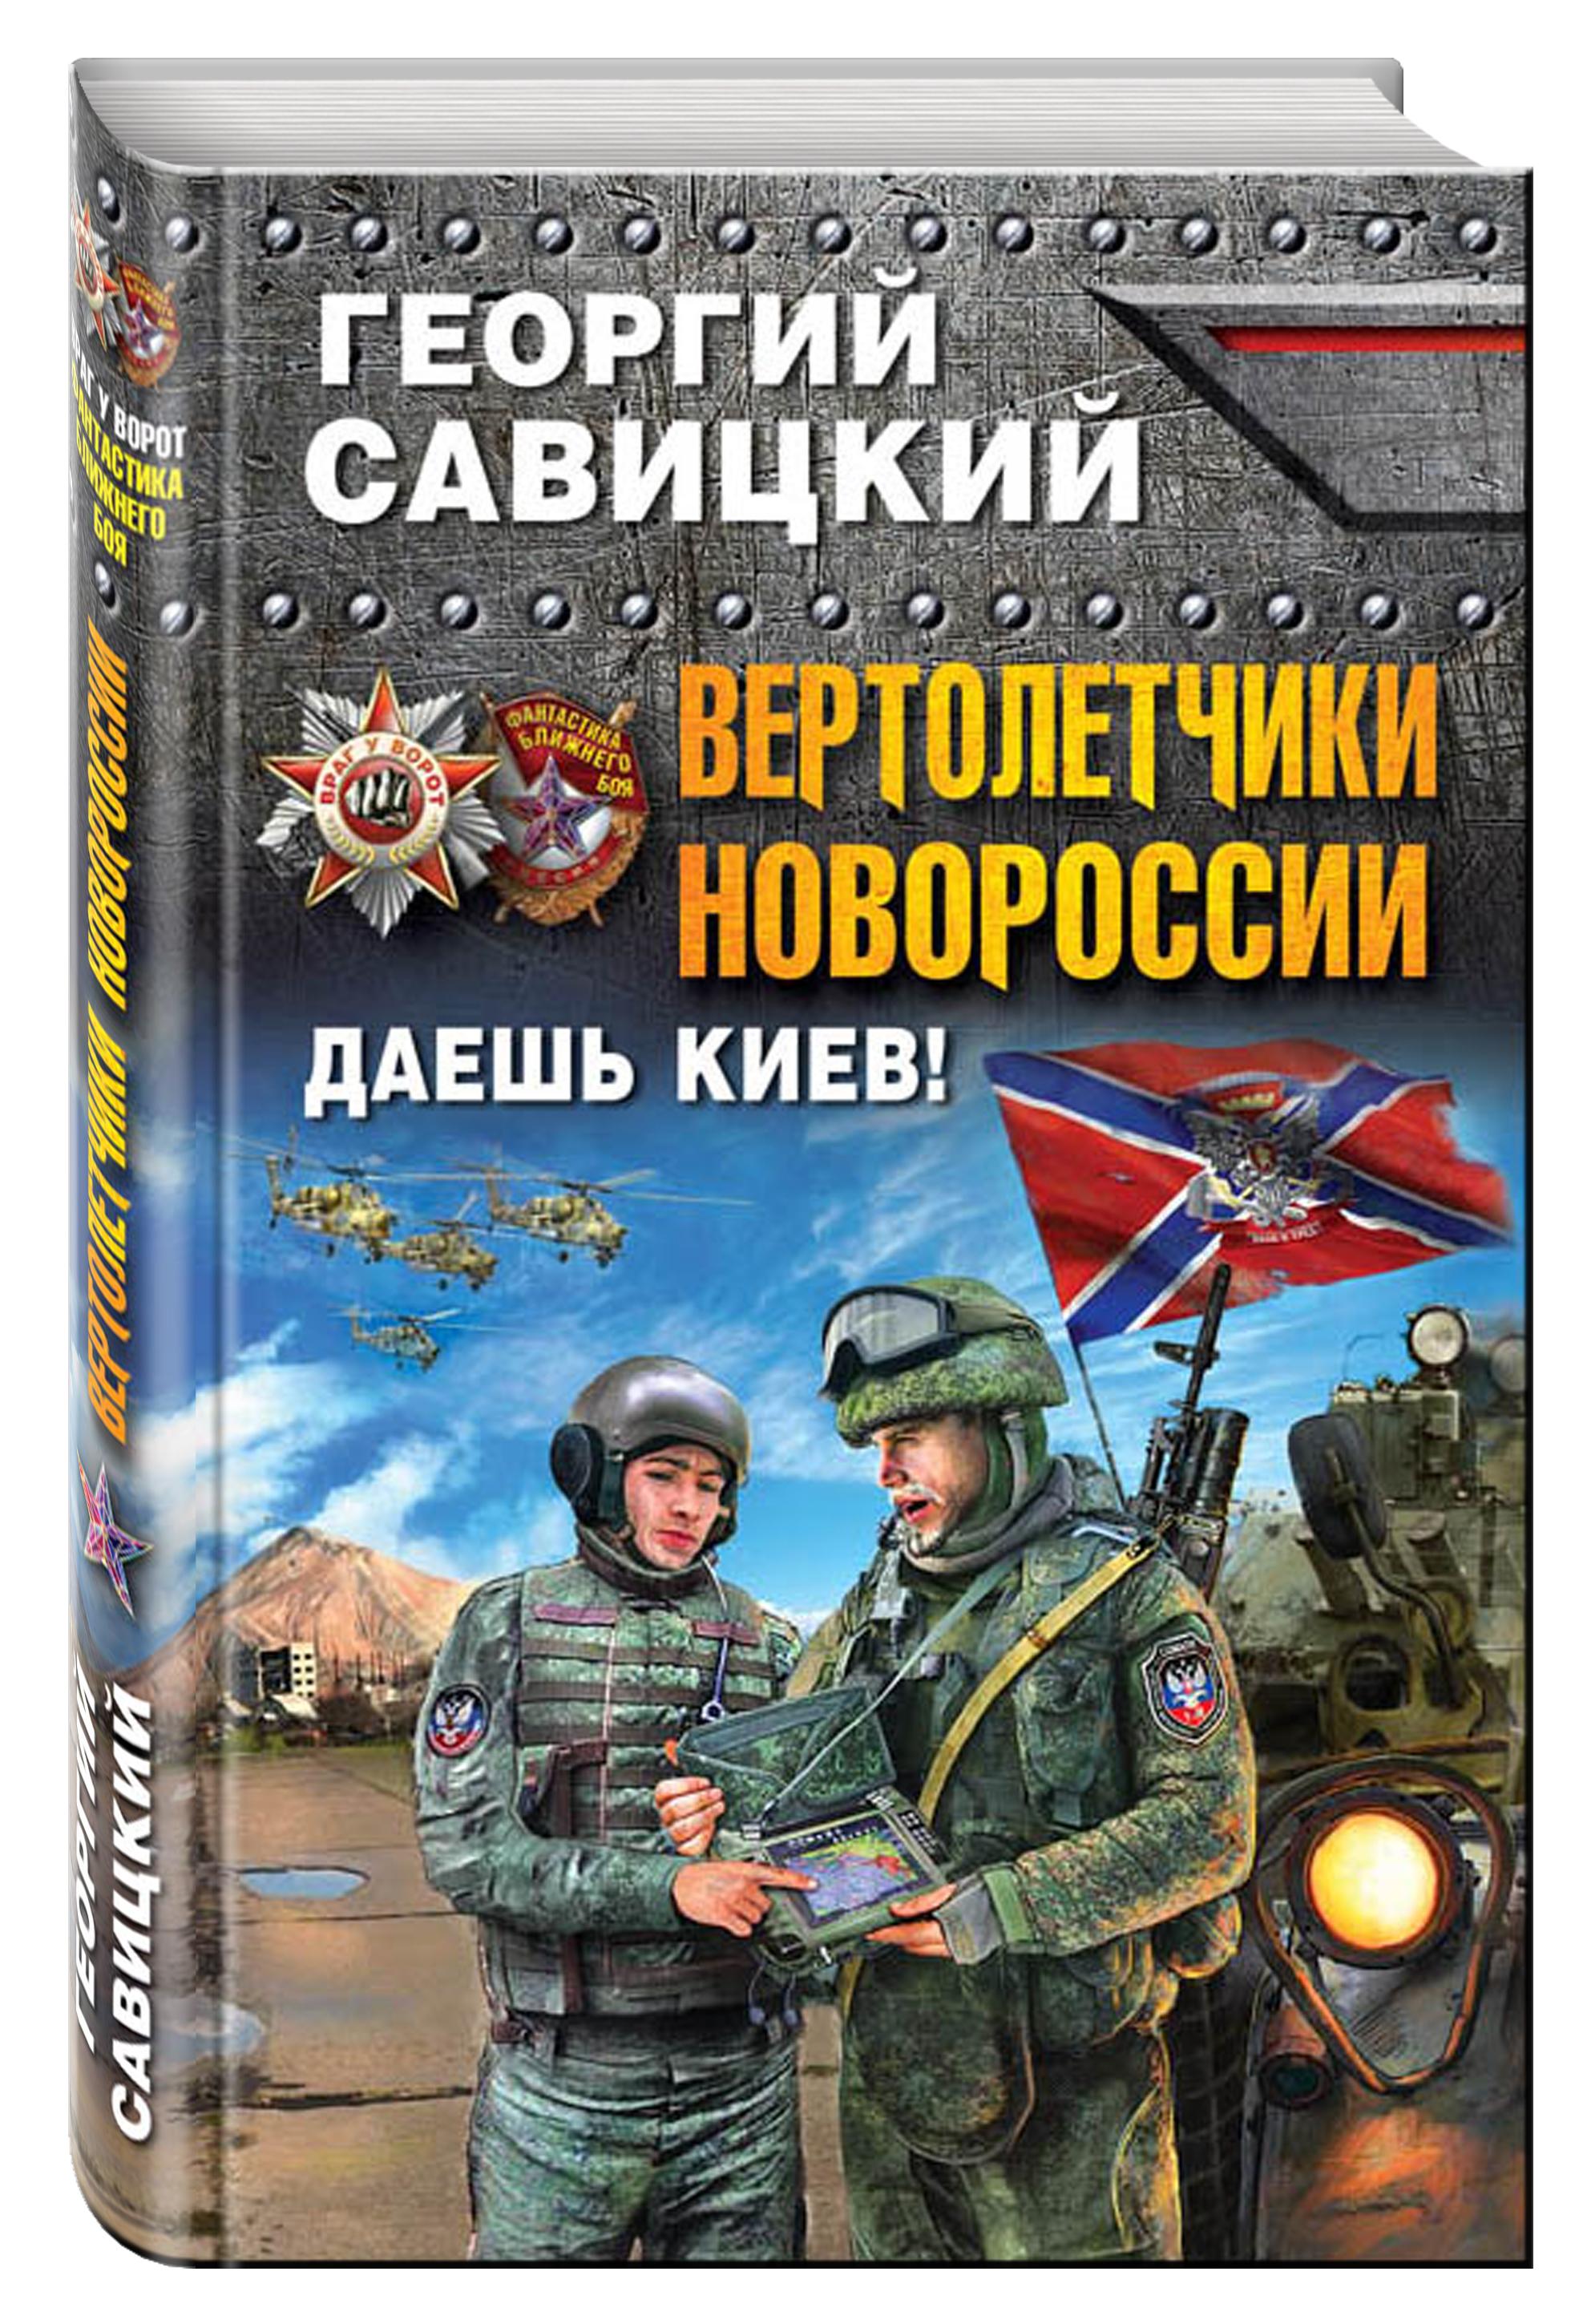 Савицкий Г.В. Вертолетчики Новороссии. Даешь Киев! авео б у киев